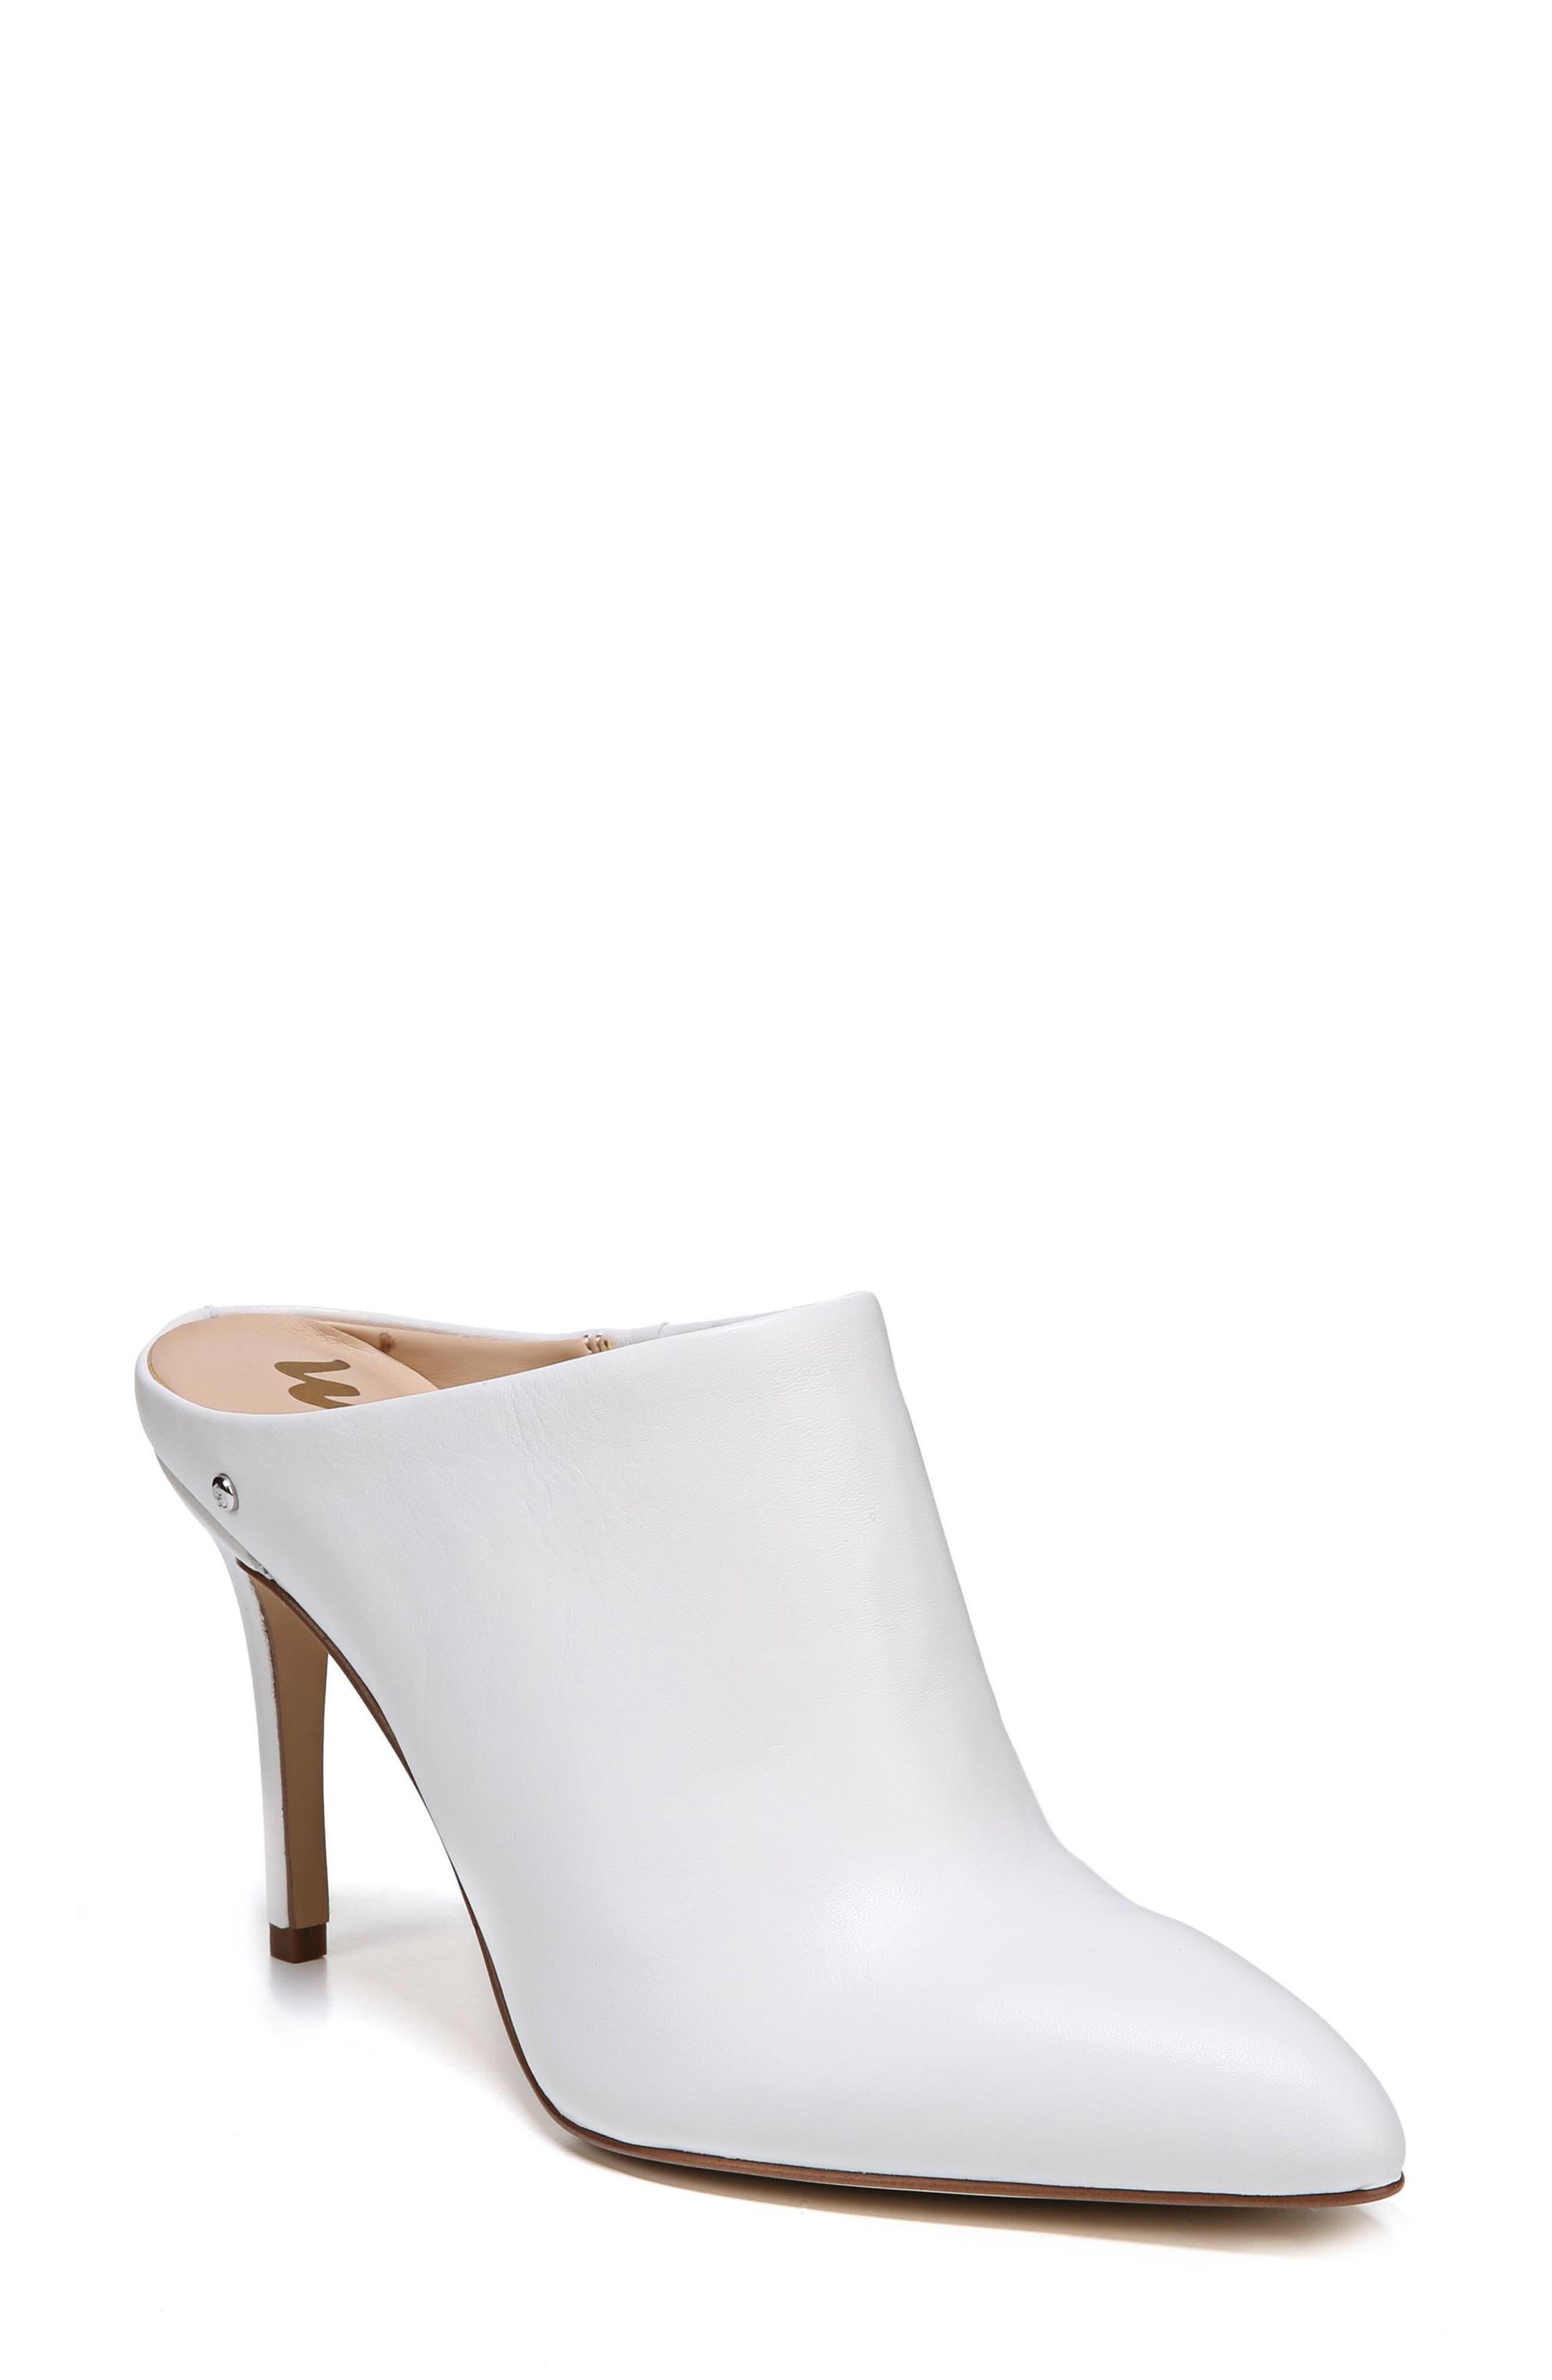 Oran Mule,                         Main,                         color, Bright White Nappa Leather